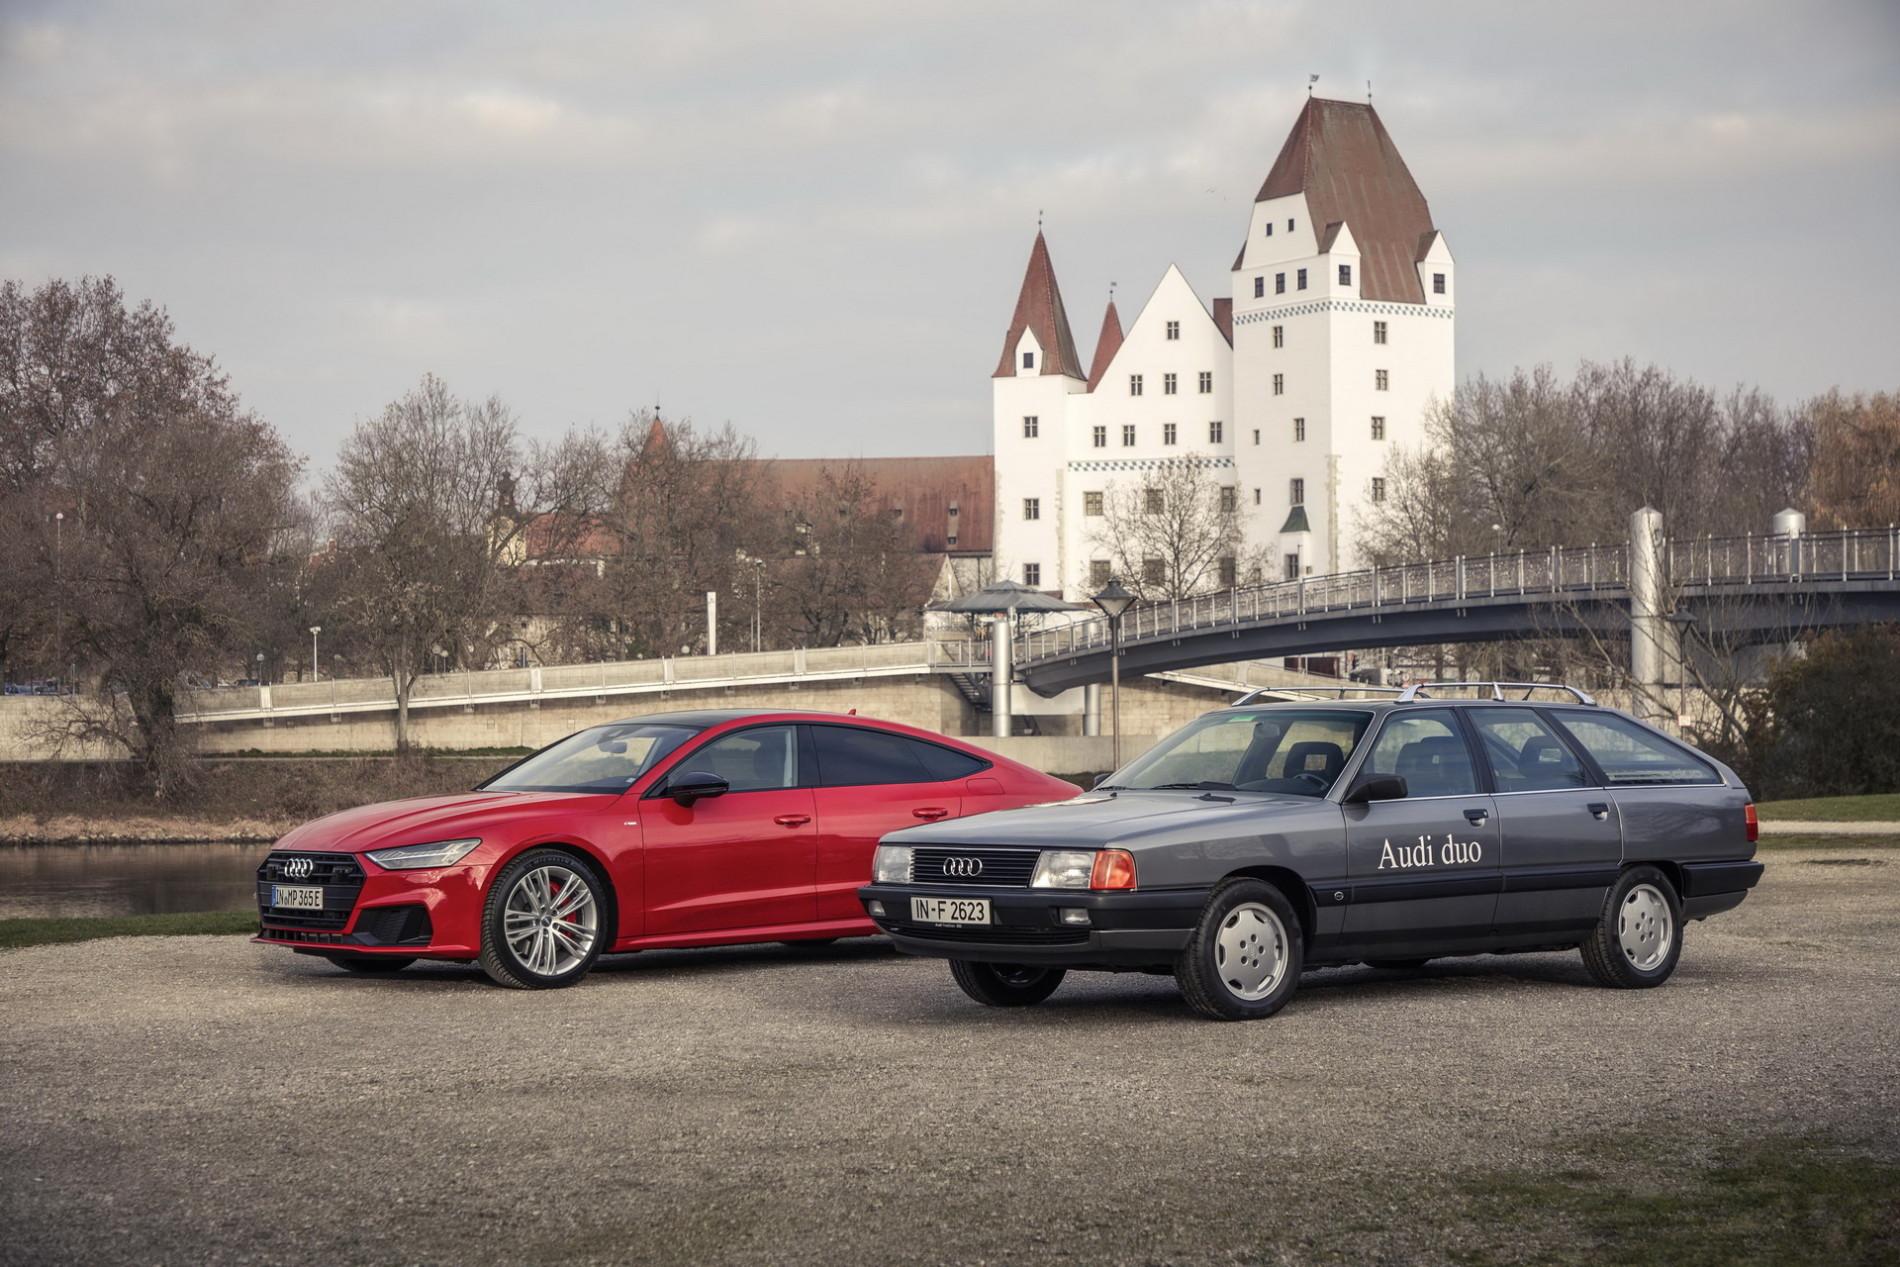 Audi 100 Avant Duo - Audi 100 Avant Duo